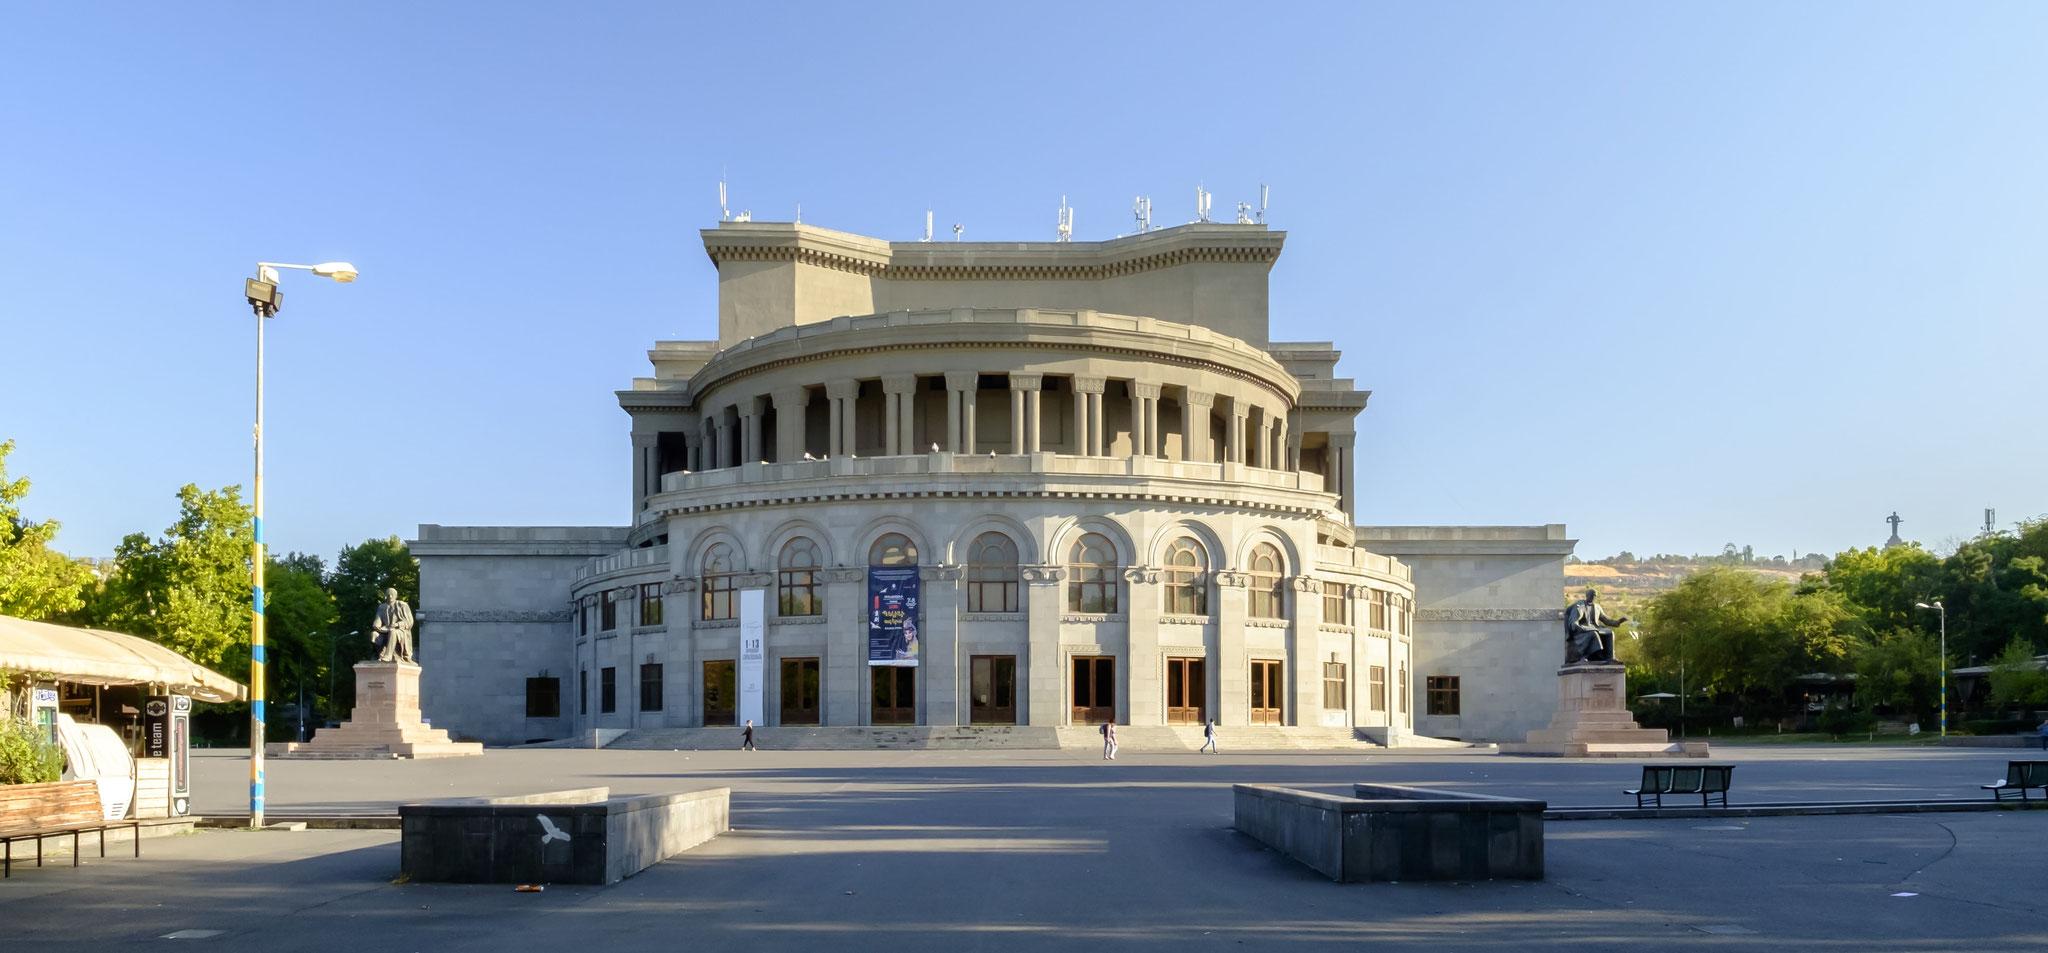 et aussi, l'opéra d'Erevan dont la maquette reçoit le grand prix à l'exposition universelles de paris en 1937